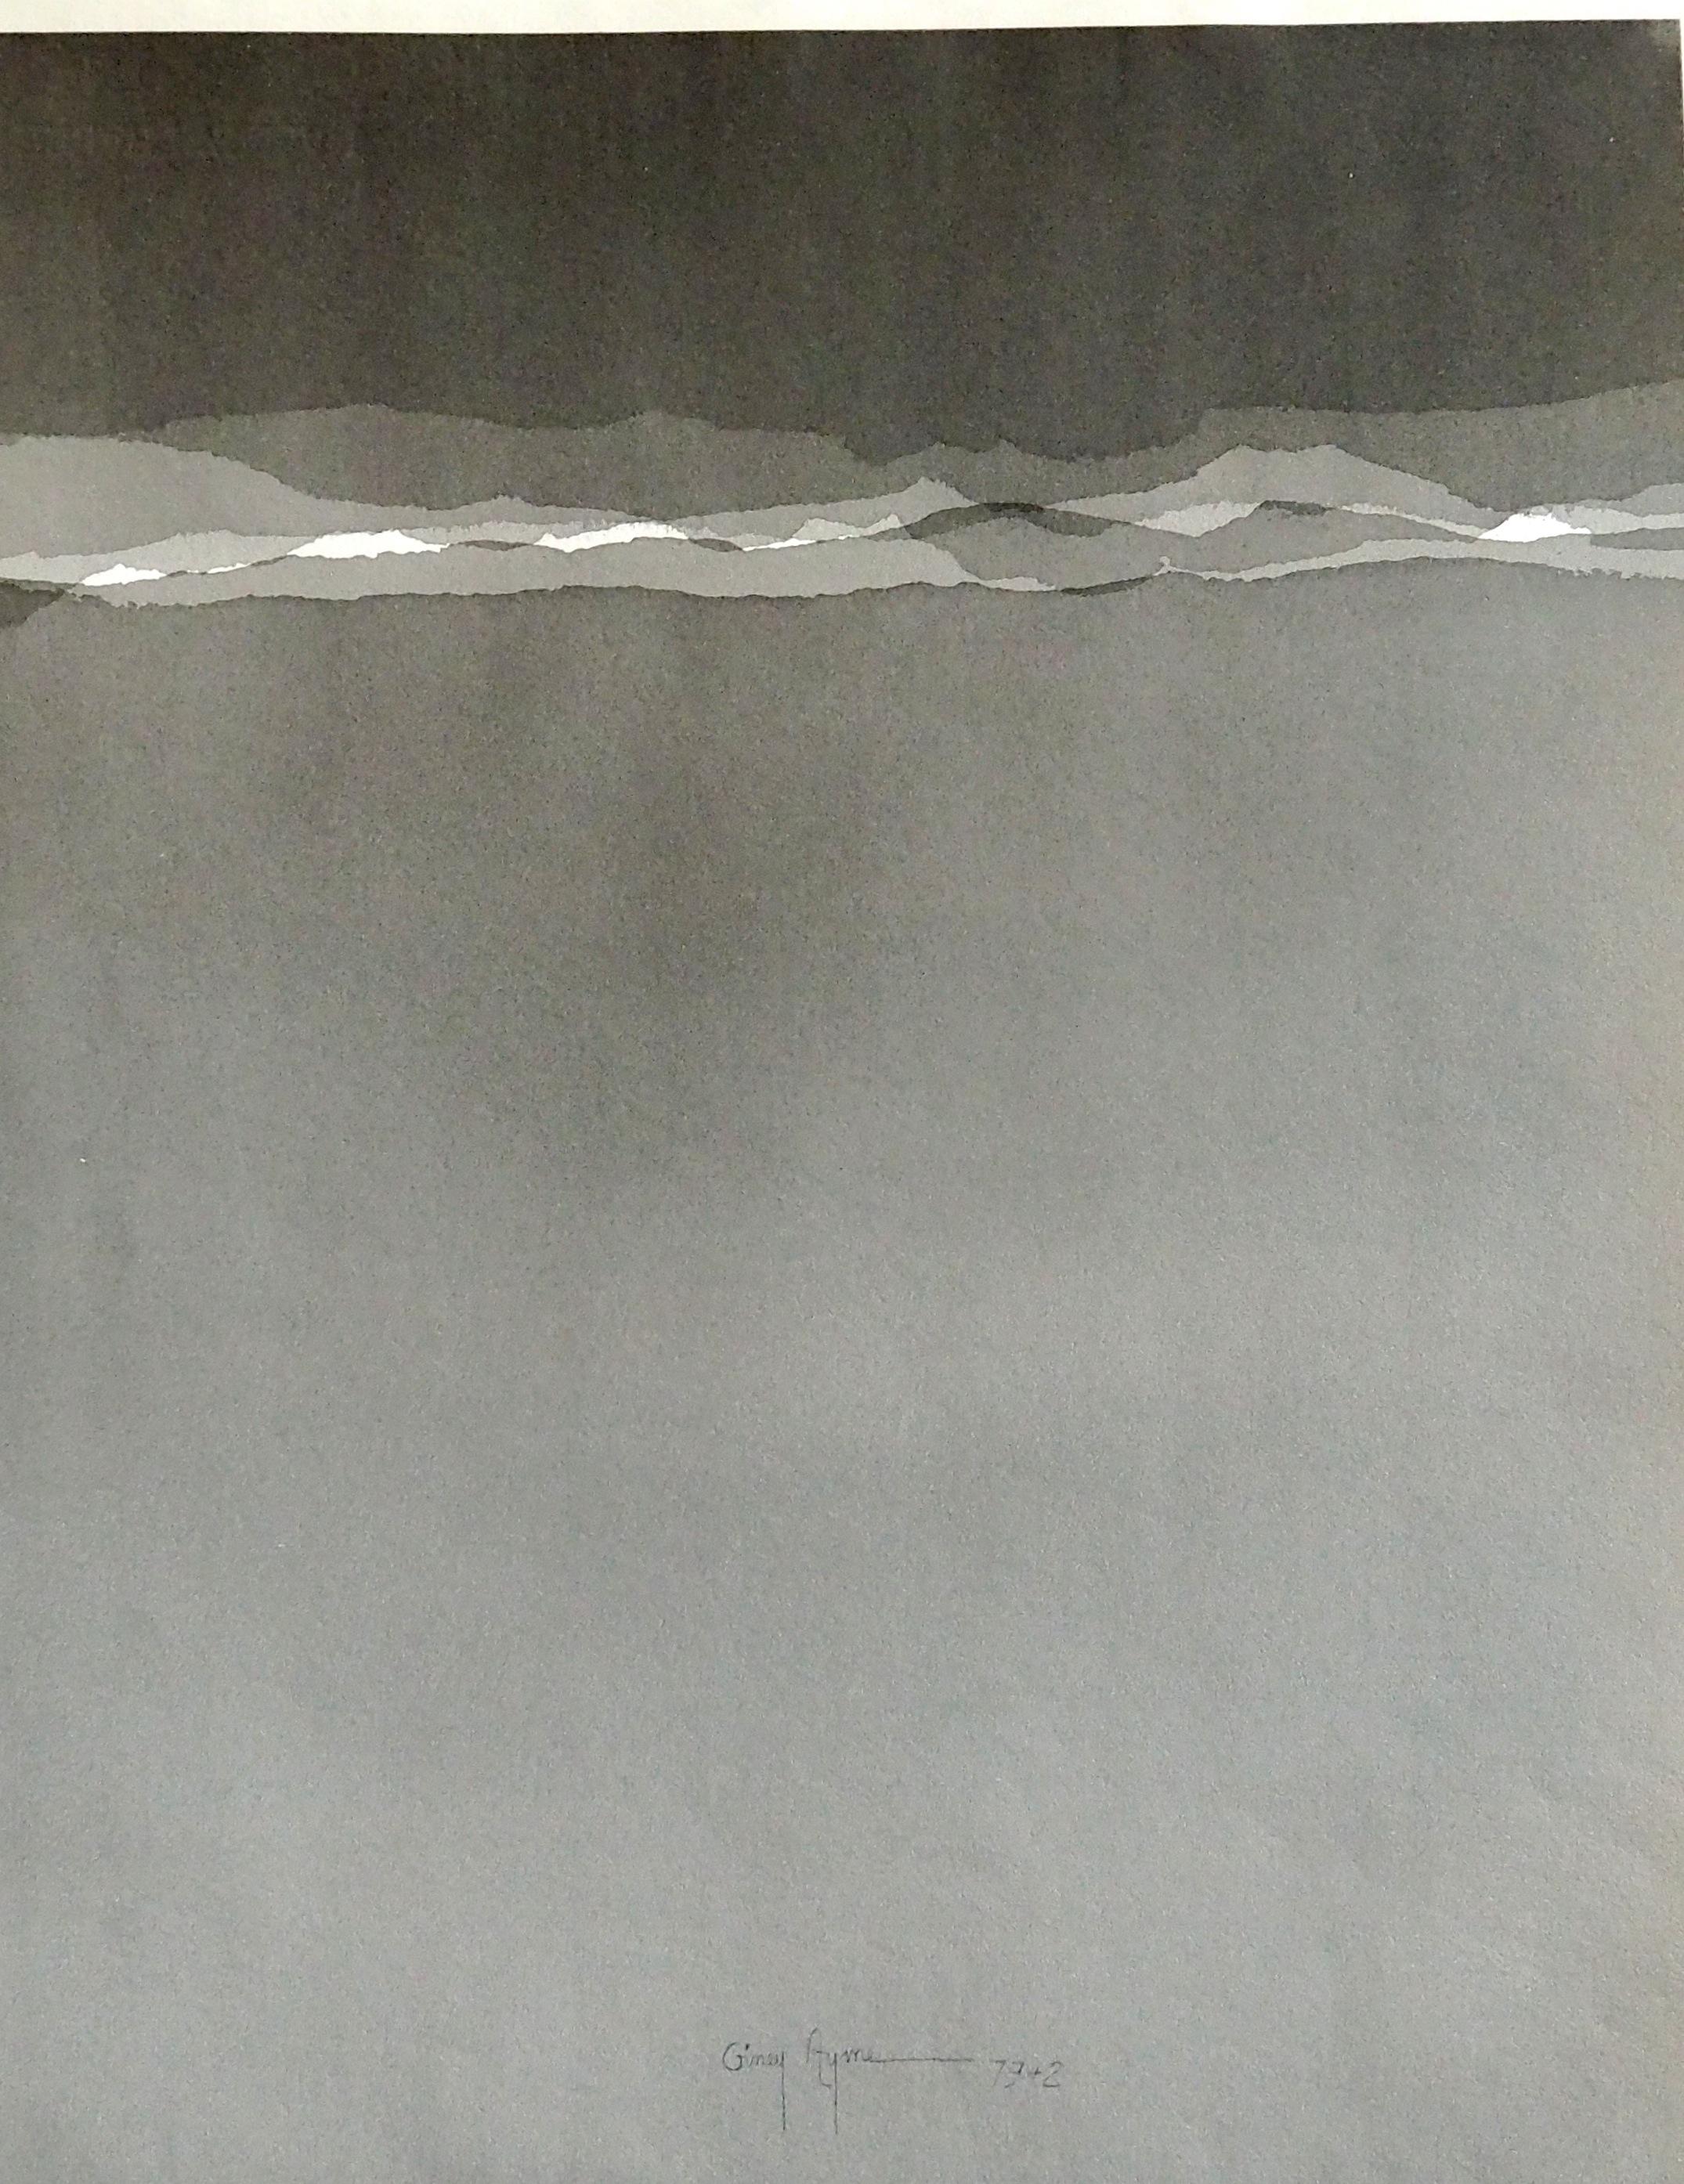 aquarelle 1975 - 50 x 60 cm